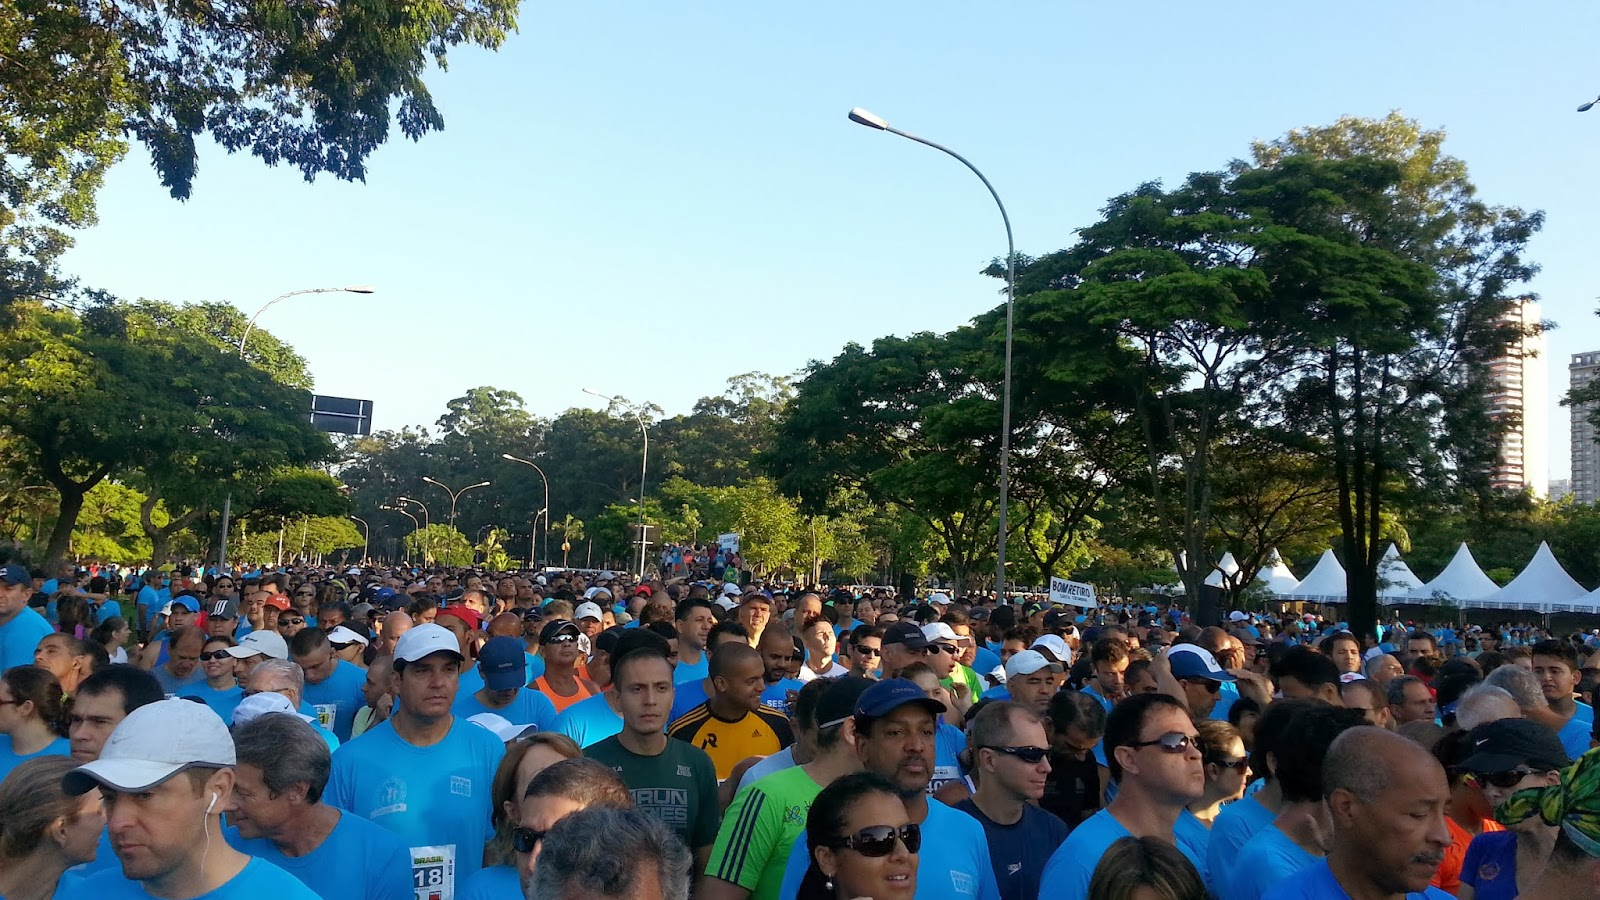 XVII TROFÉU CIDADE DE SÃO PAULO 10 KM CARREFOUR 2014